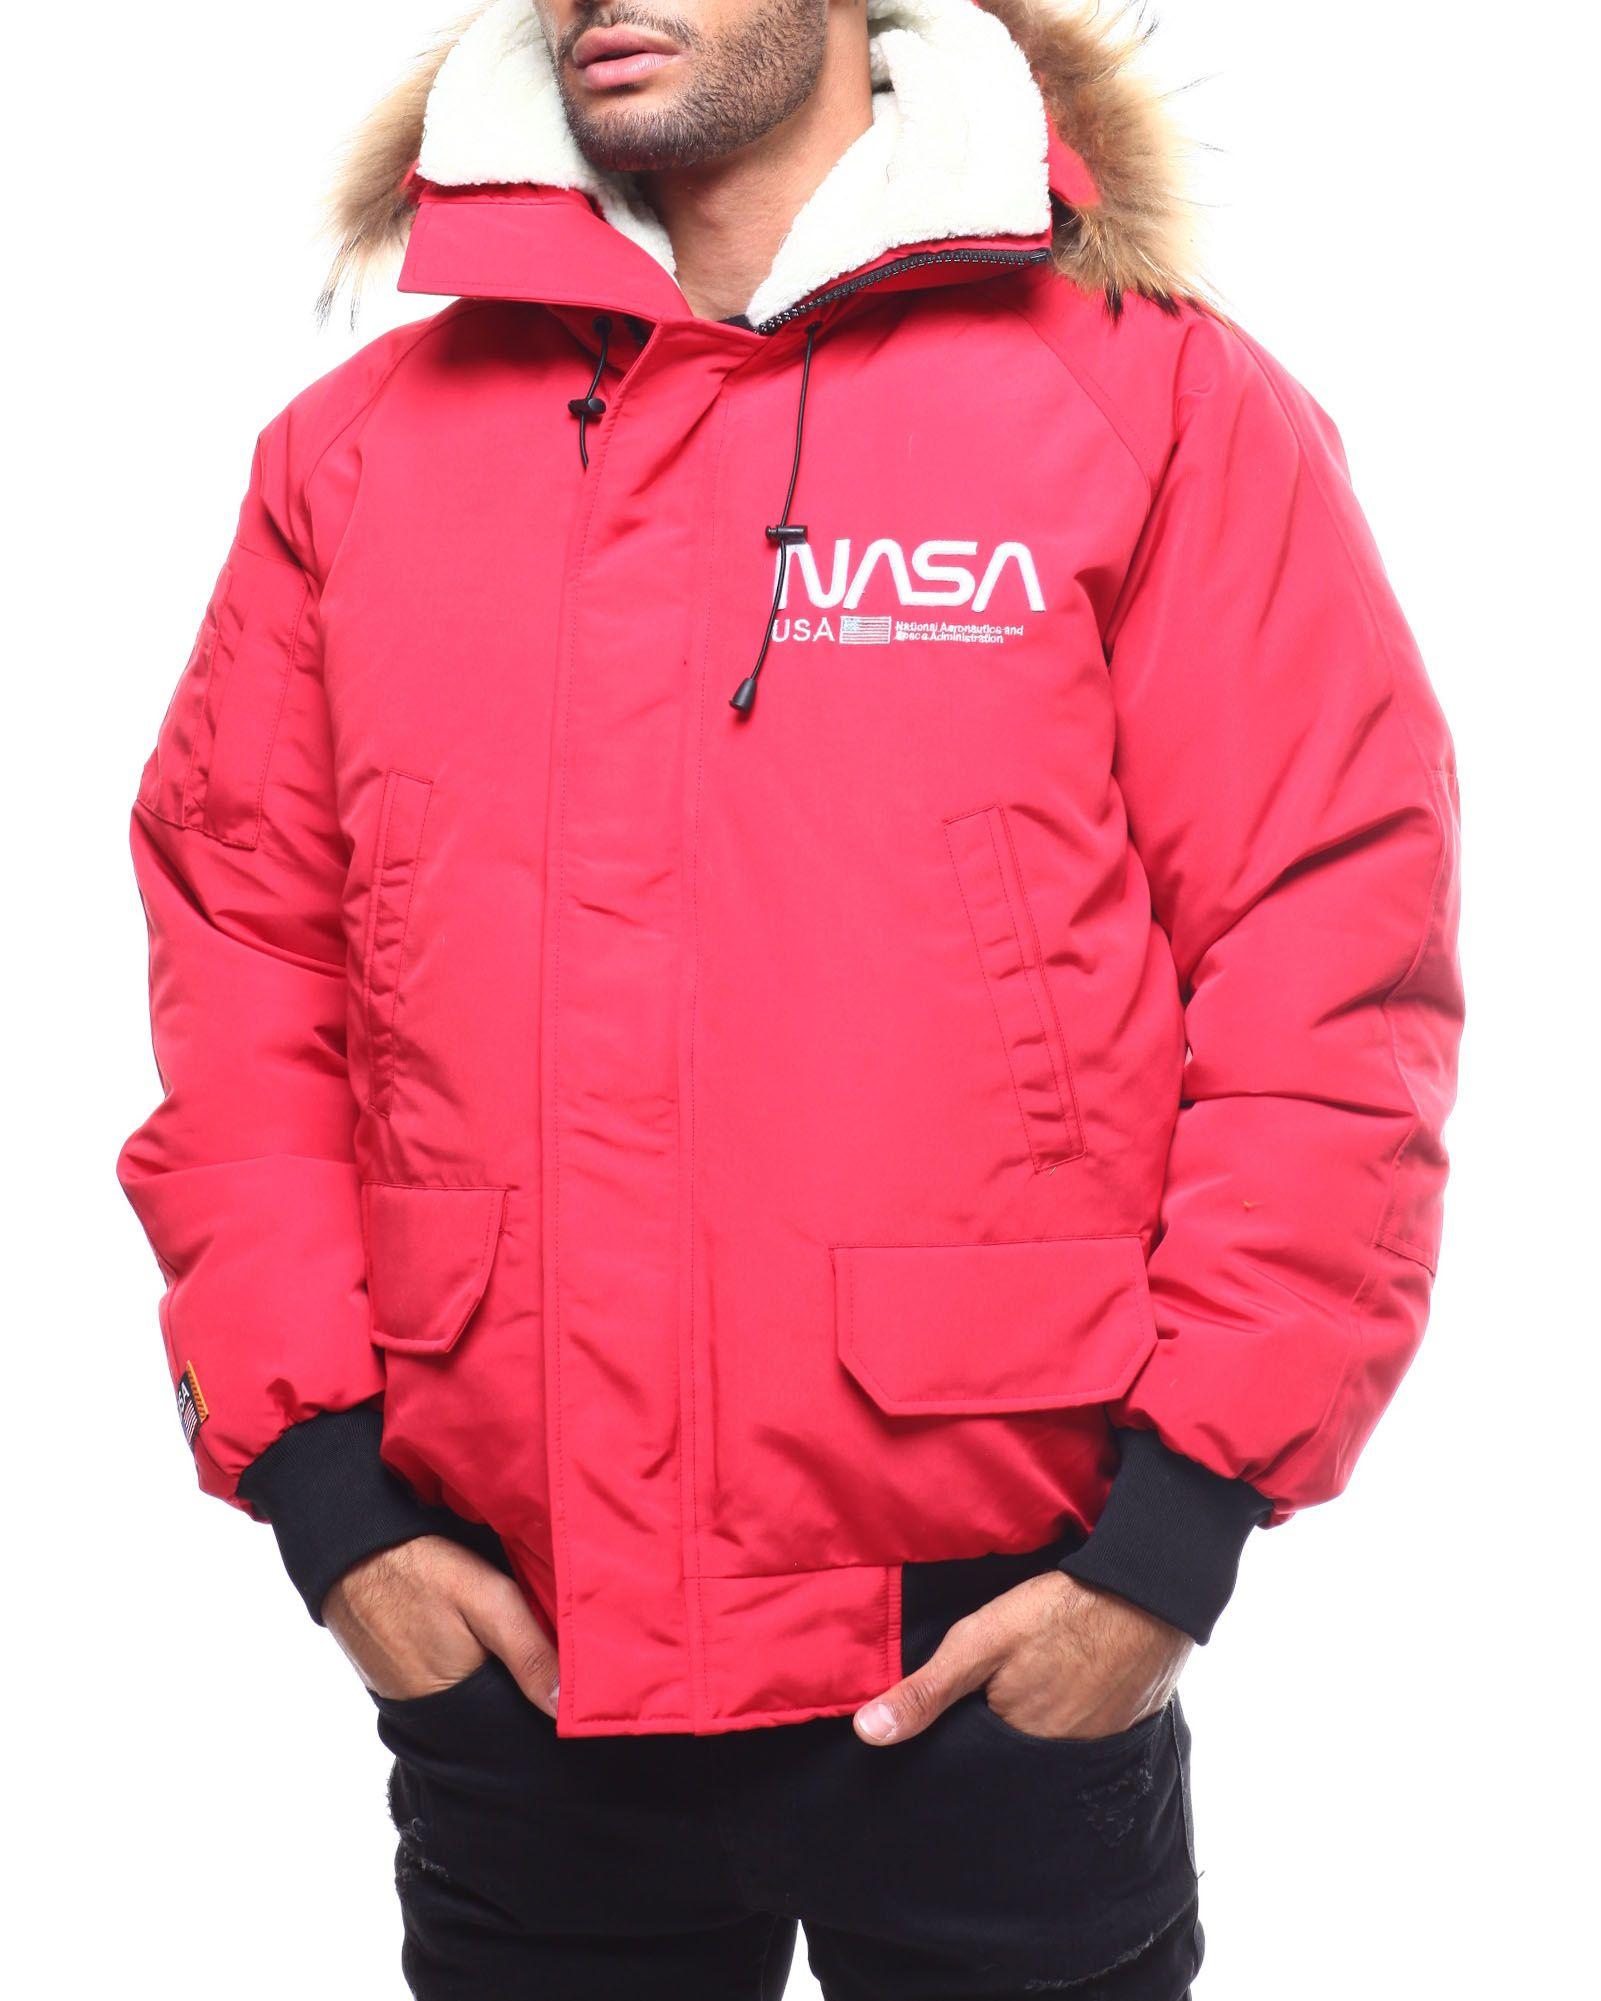 Nasa Fur Hood Bomber Jacket From Hudson Nyc At Drjays Com Bomber Jacket Mens Jackets Mens Jackets [ 2001 x 1601 Pixel ]